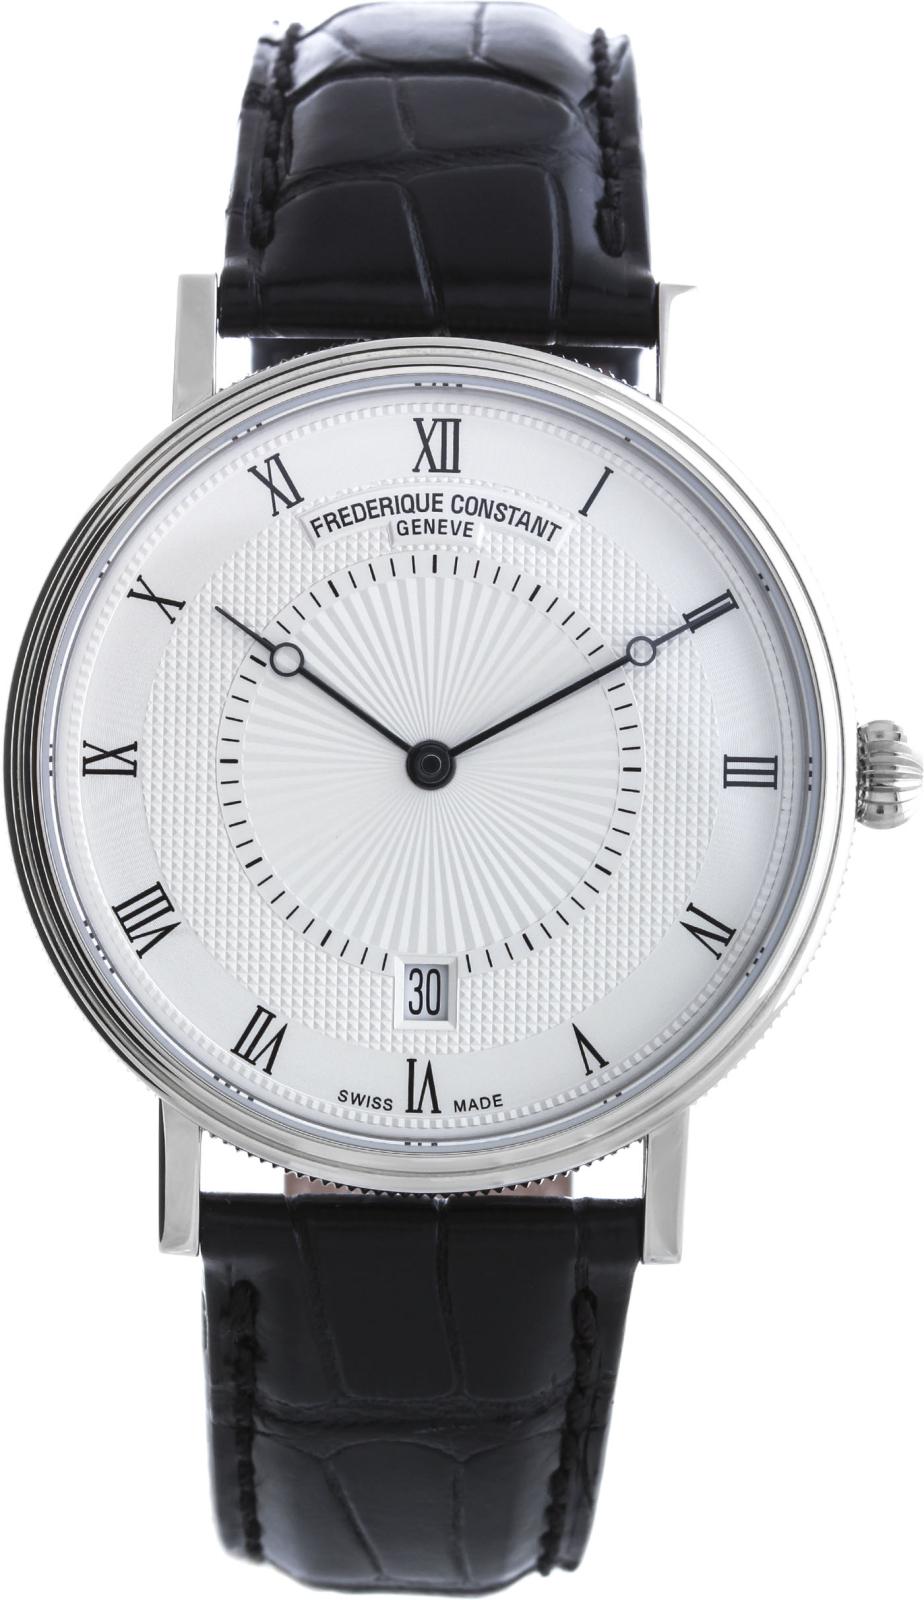 Frederique Constant Slim Line FC-306MC4S36Наручные часы<br>Швейцарские часы Frederique Constant Slim Line FC-306MC4S36<br><br>Для кого?: Мужские<br>Страна-производитель: Швейцария<br>Механизм: Механический<br>Материал корпуса: Сталь<br>Материал ремня/браслета: Кожа<br>Водозащита, диапазон: 20 - 100 м<br>Стекло: Сапфировое<br>Толщина корпуса: 8 мм<br>Стиль: Классика